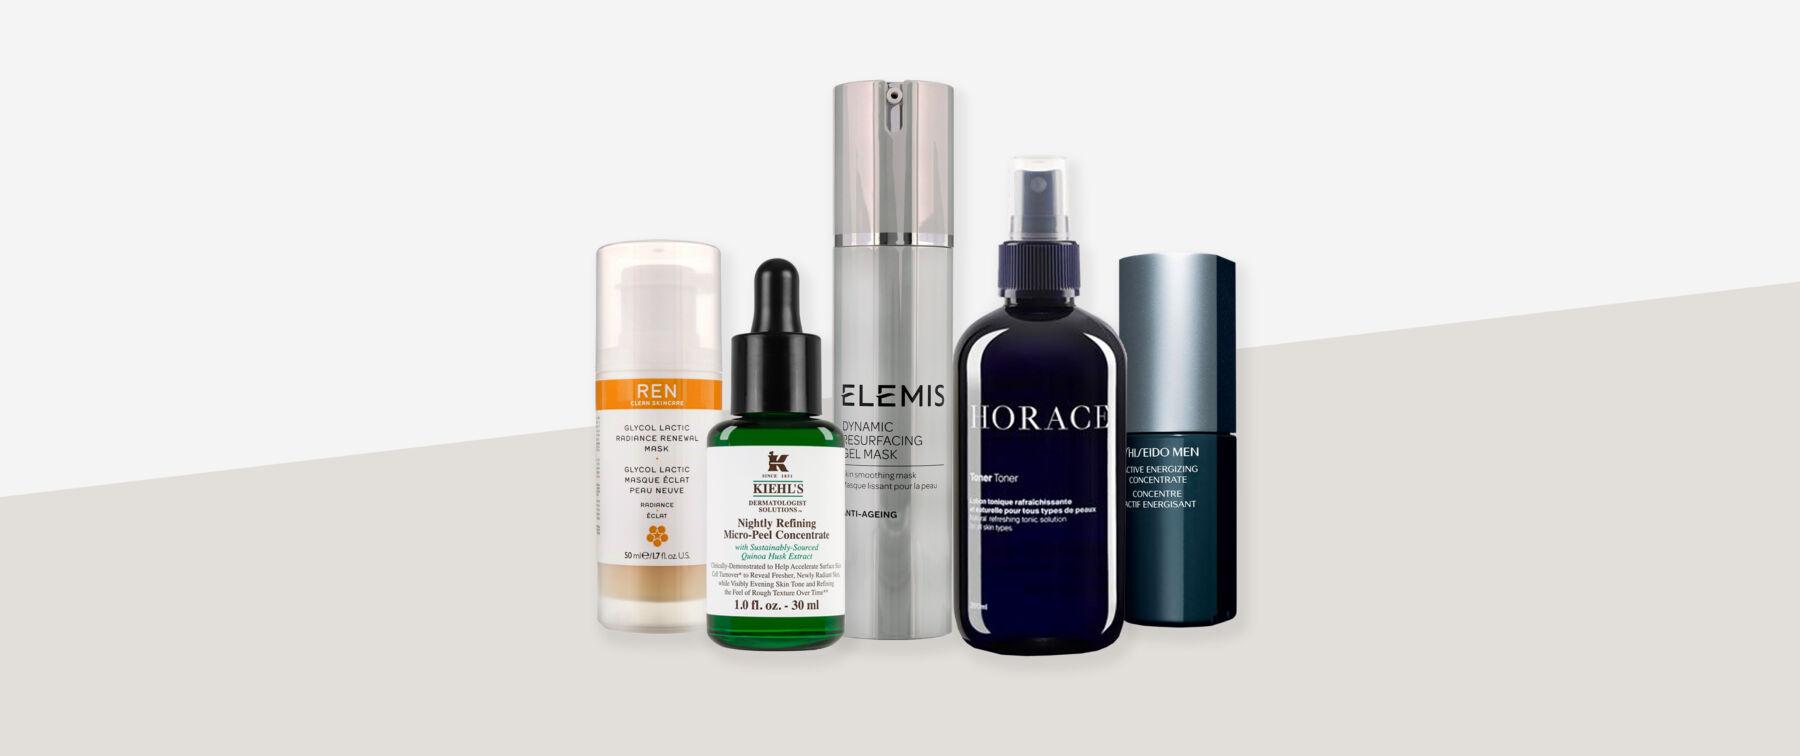 Химические эксфолианты - самая популярная тенденция ухода за мужской кожей